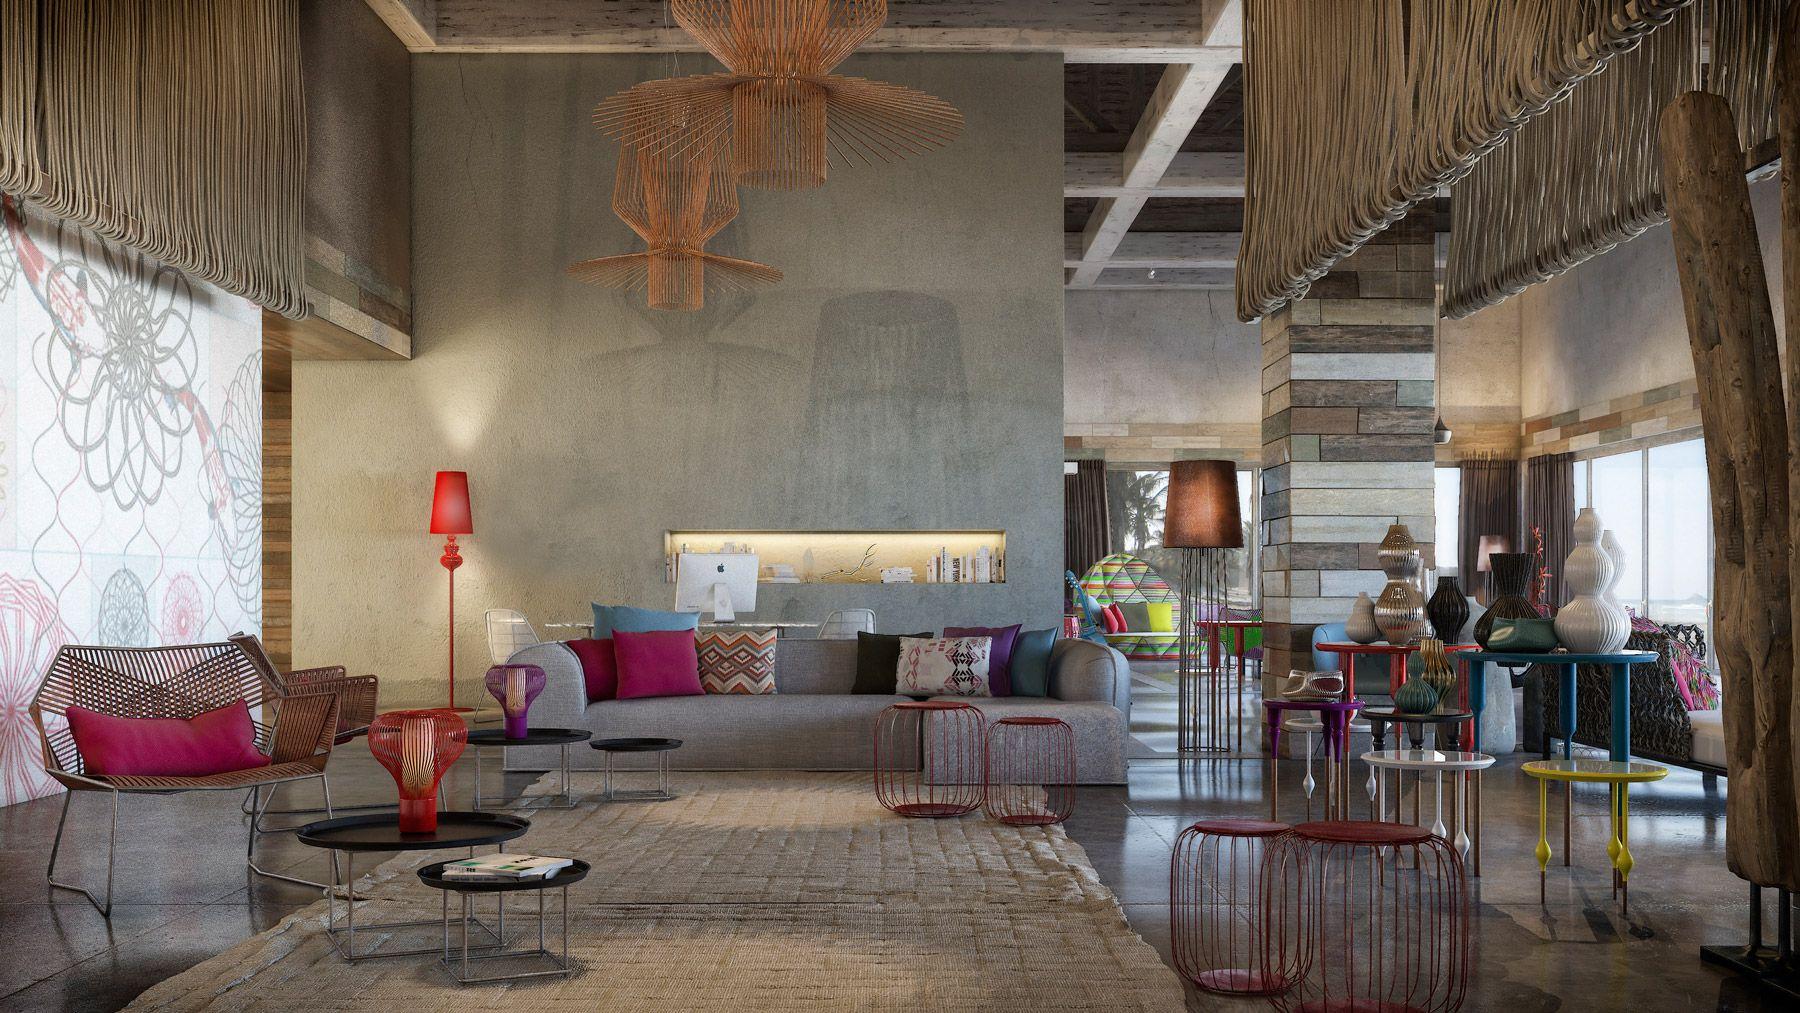 Bunt und üppig Home Interior Design-Ideen sehen so schön aus ...